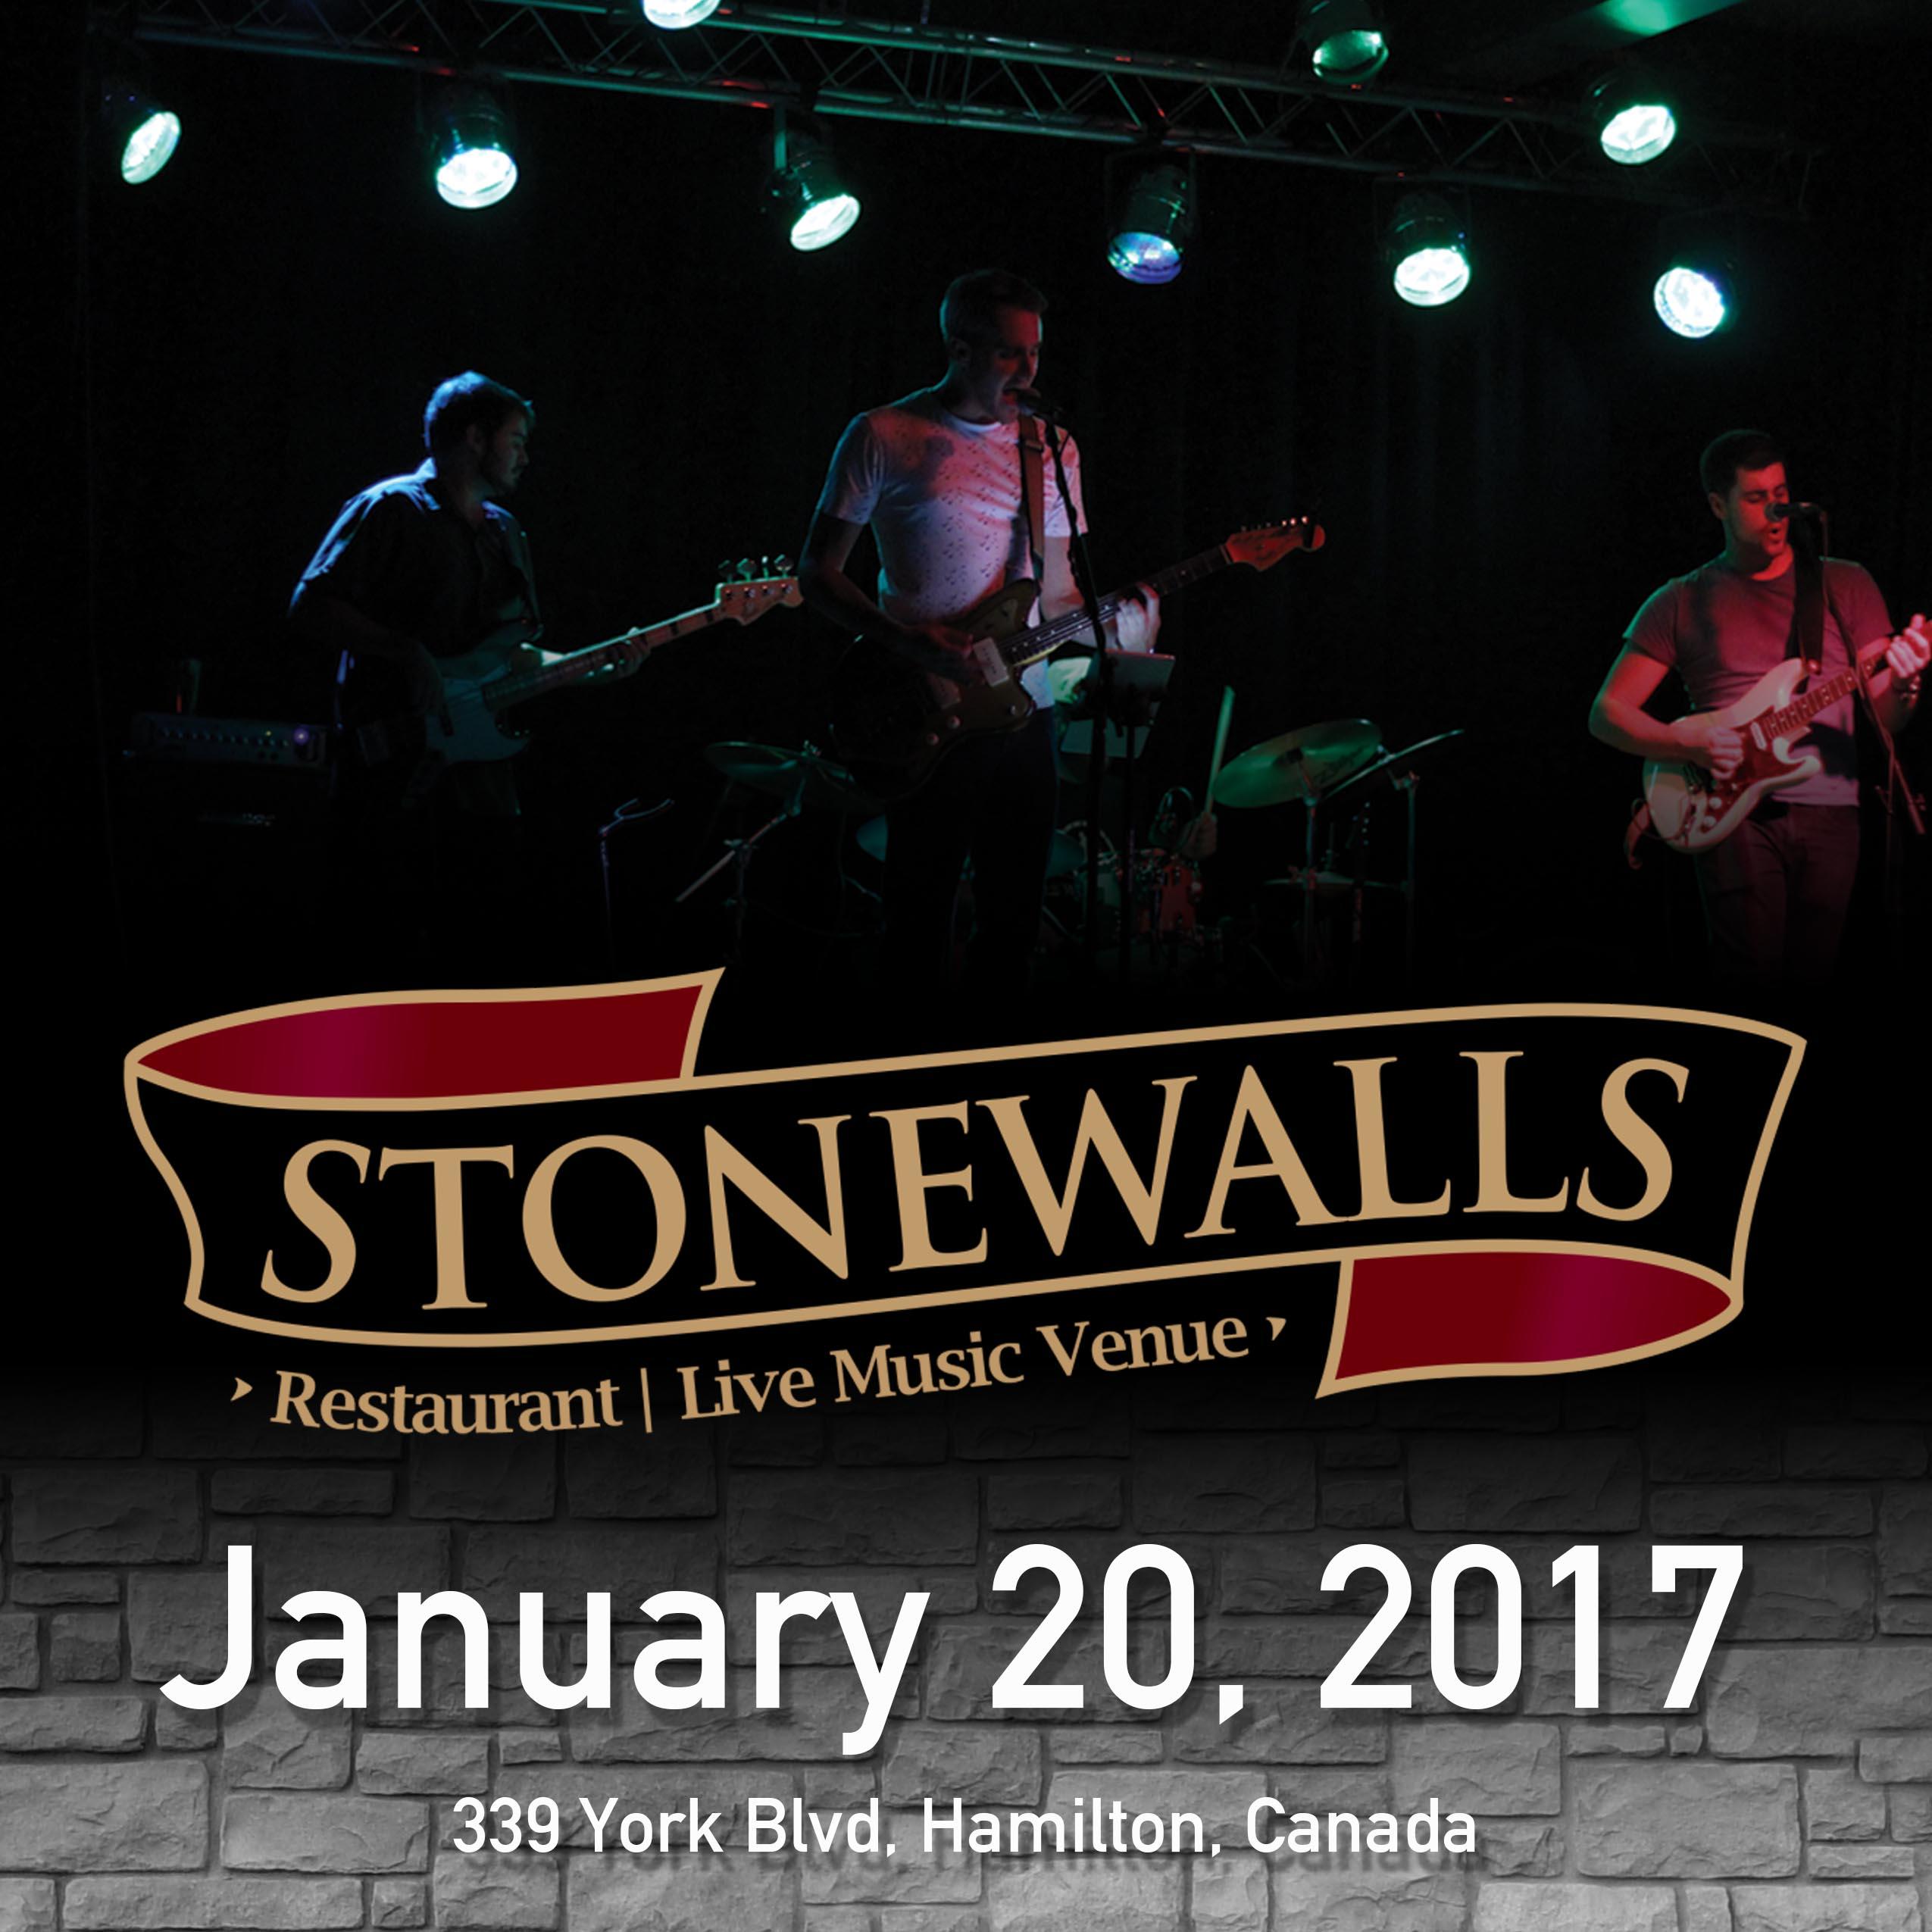 Jan 20, 2017 Stonewalls